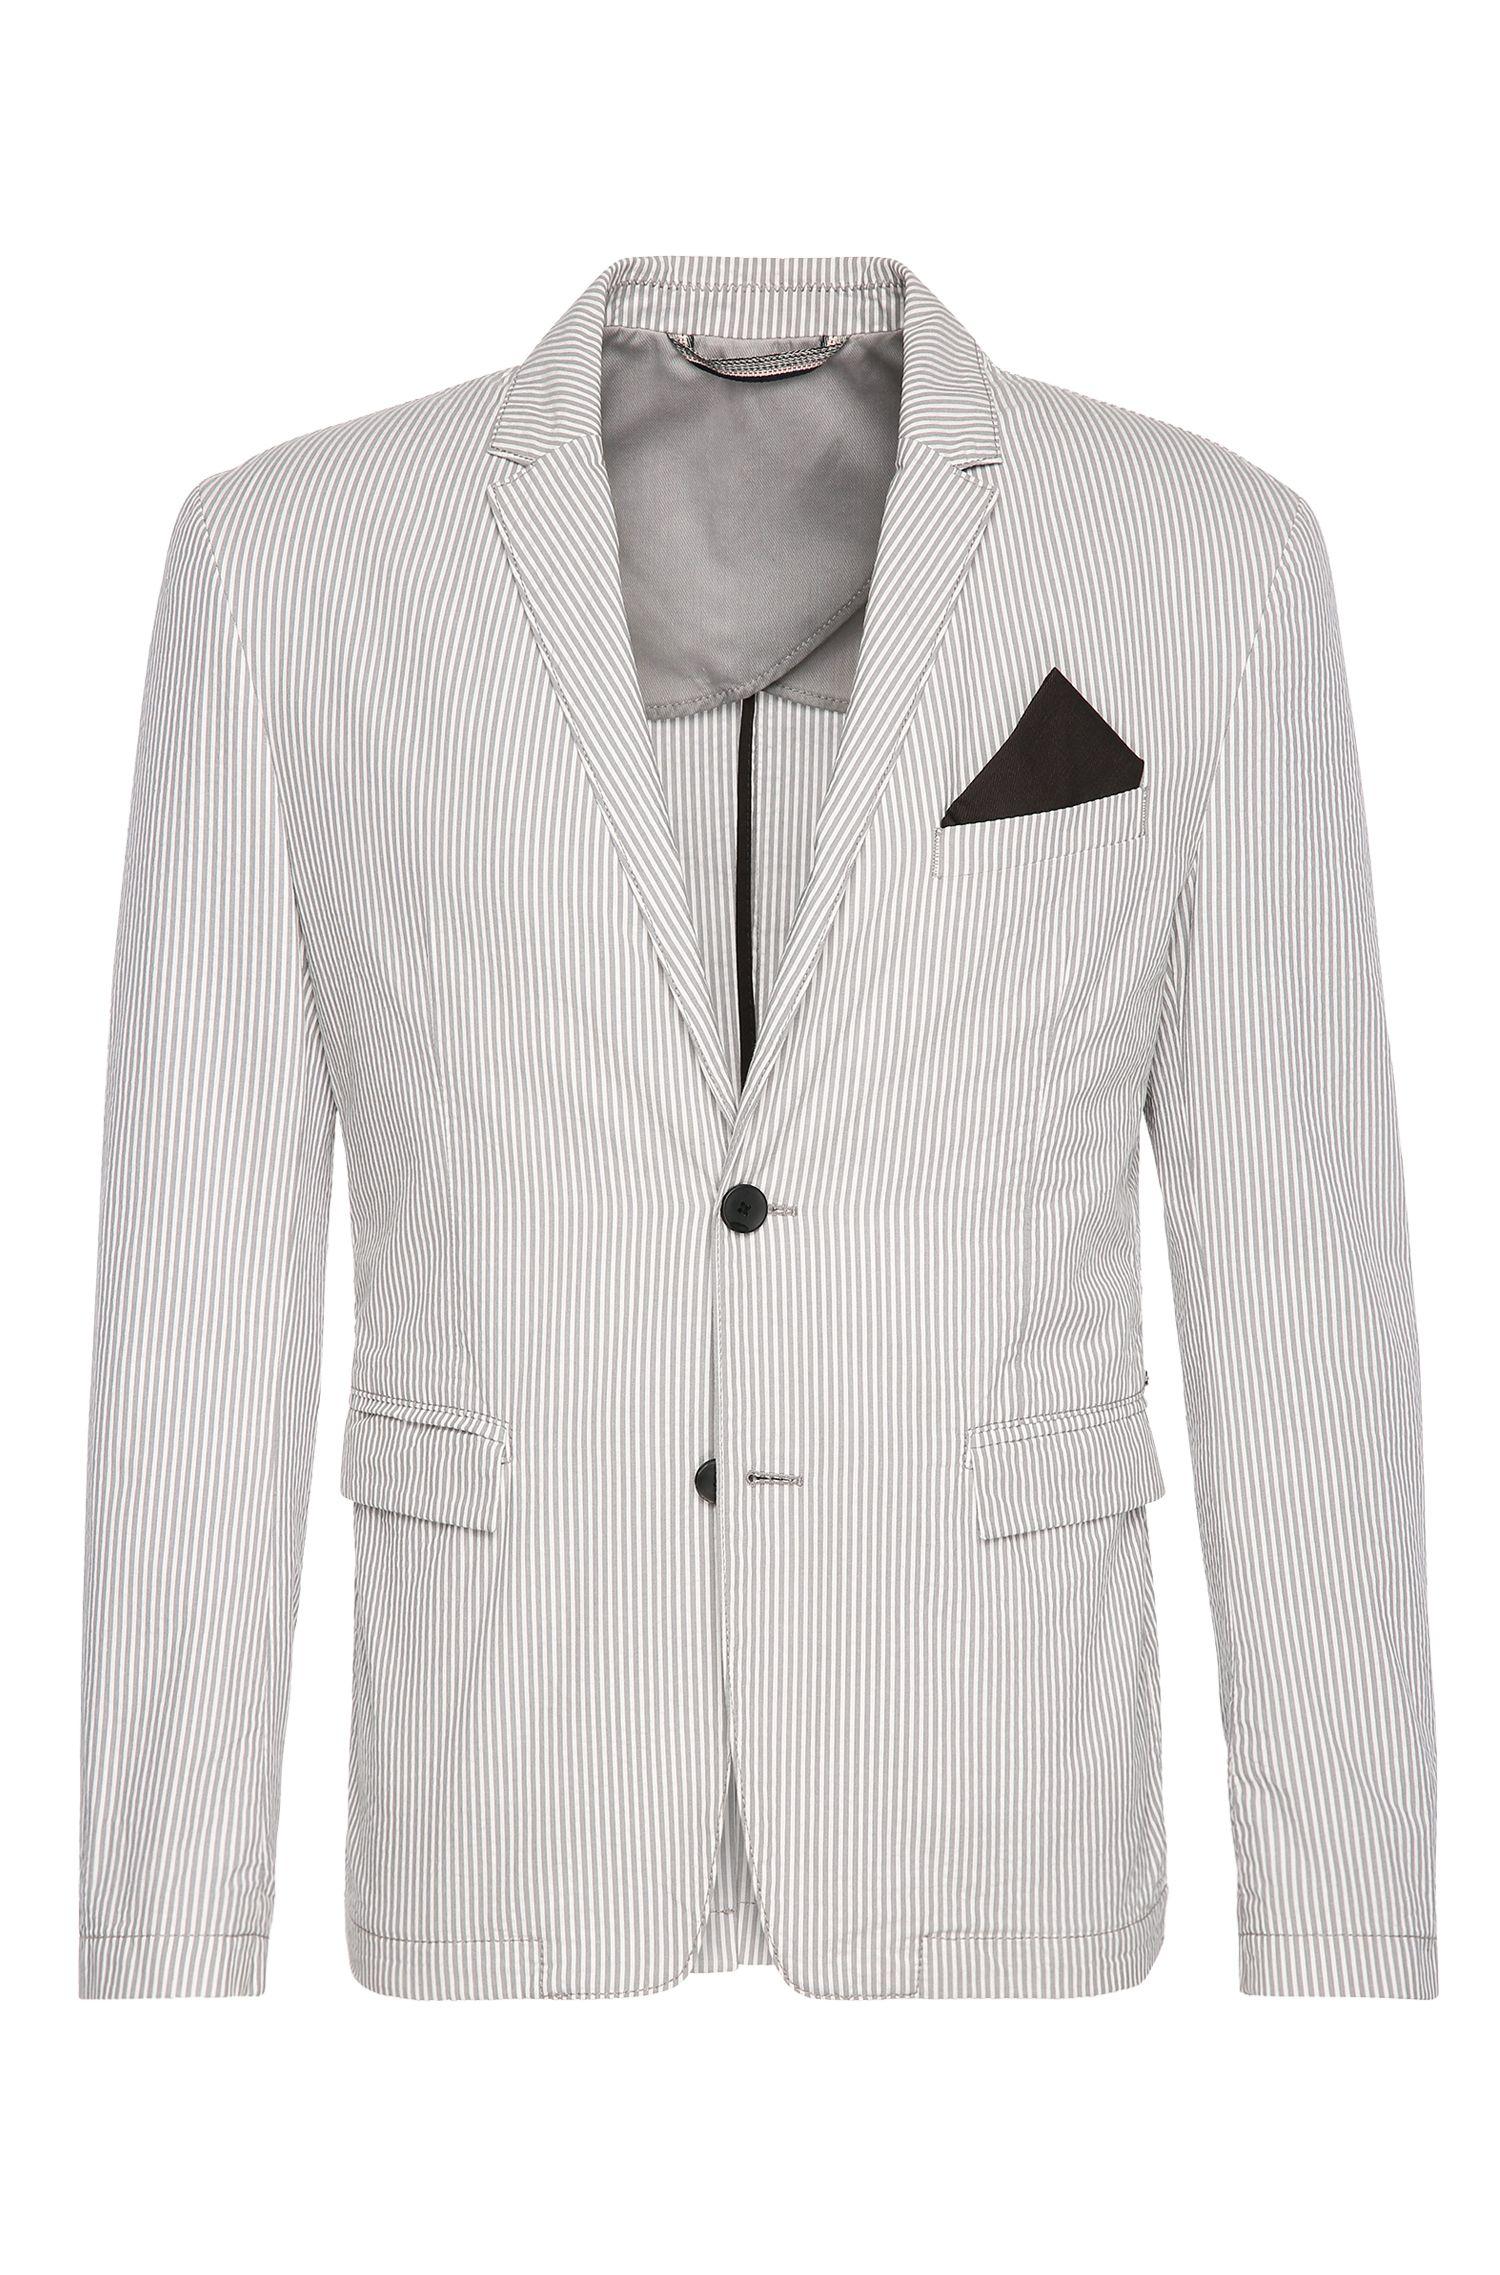 Cotton Seersucker Sport Coat, Slim Fit | Bans BS W